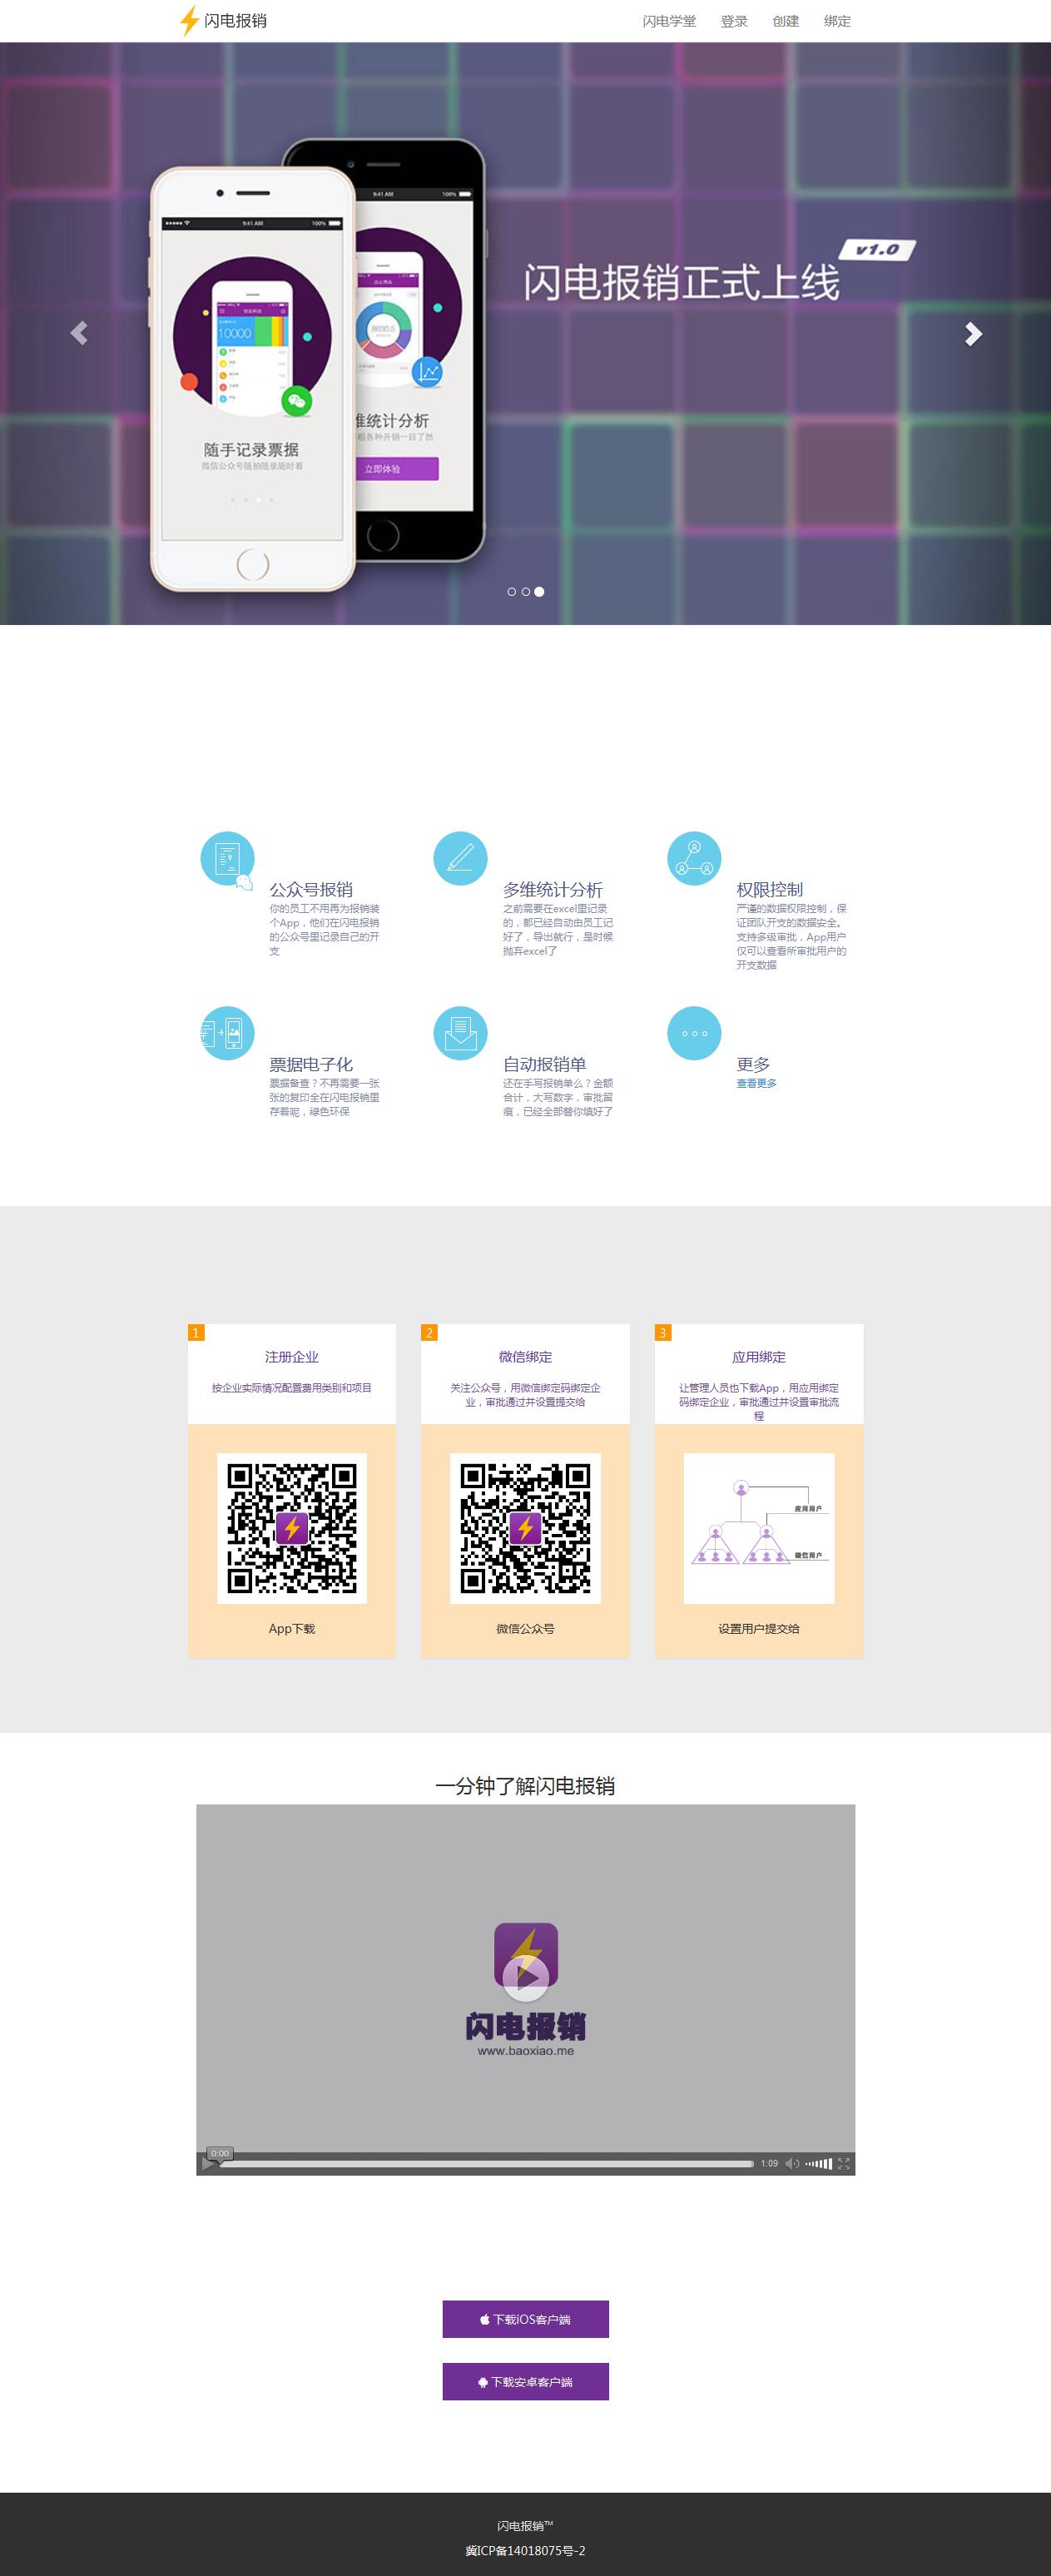 """创业团队报销管理工具""""闪点报销""""APP的官方主页设计 - 任刚 · Ren Gang 世界设计 · 设计世界"""